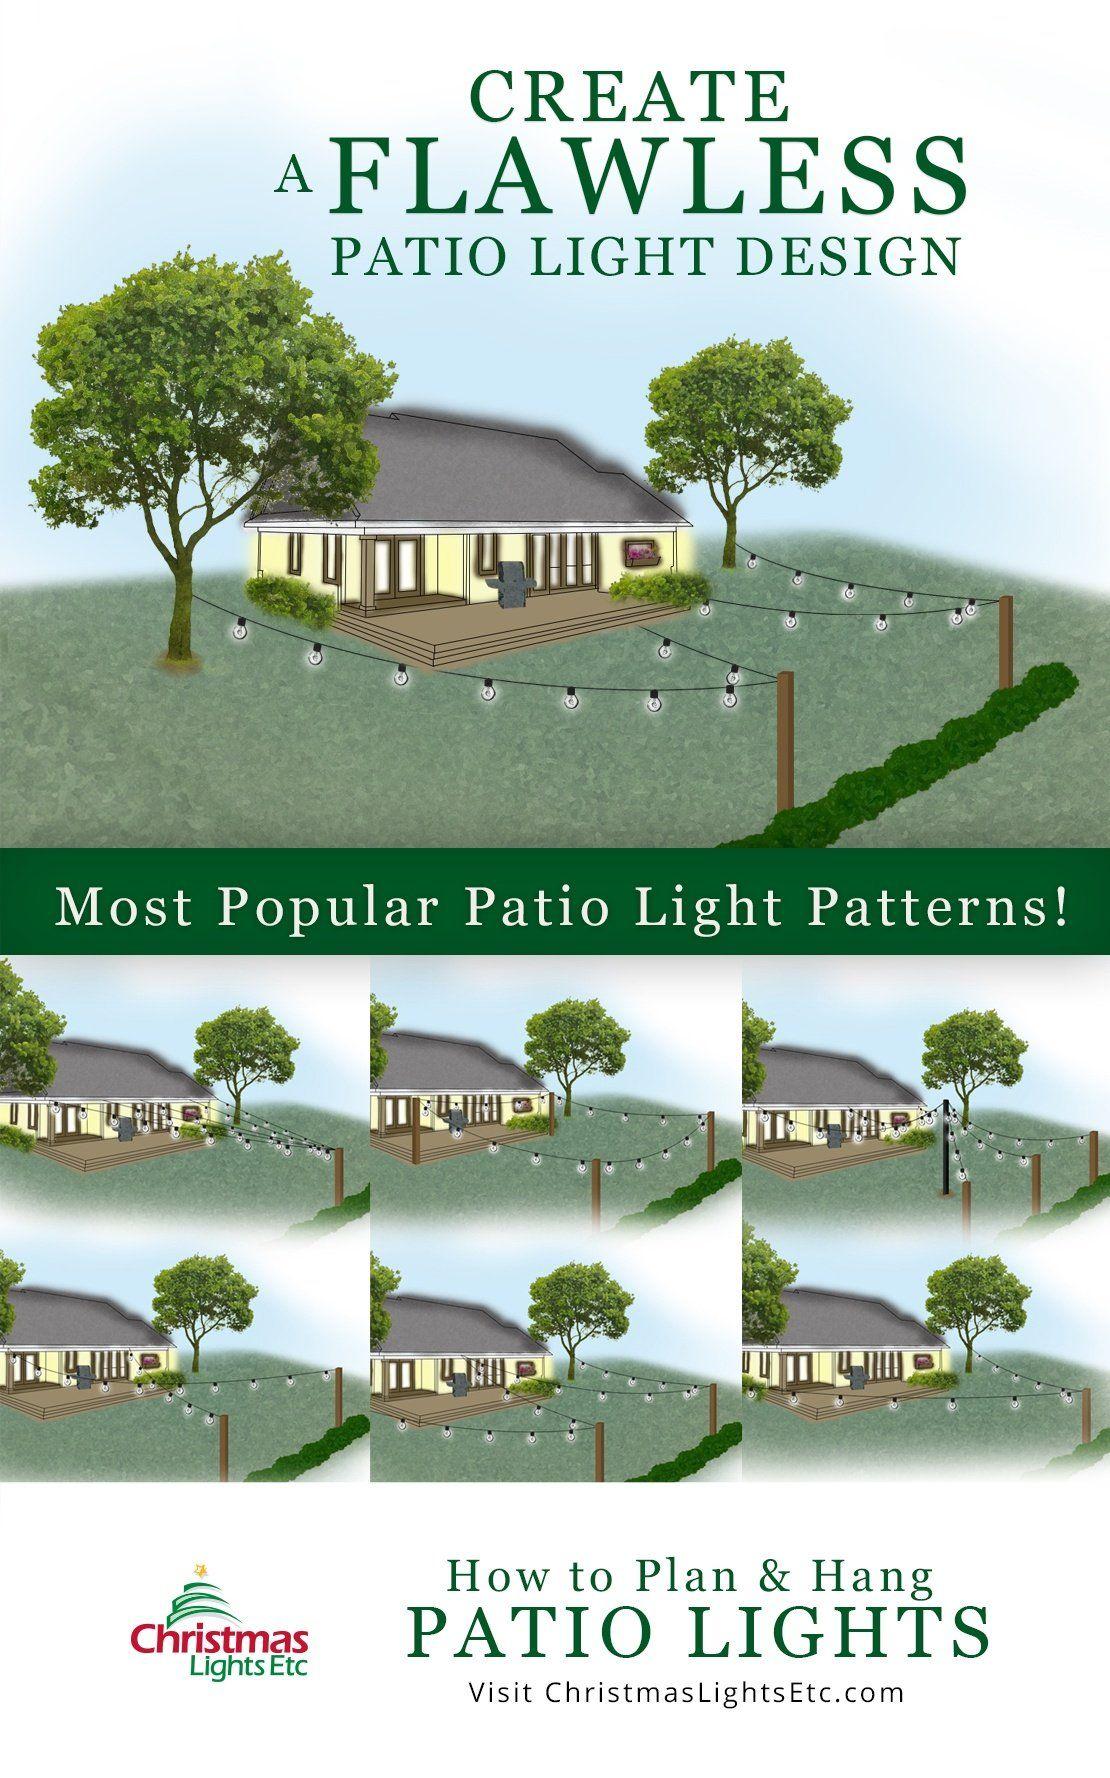 How to Plan and Hang Patio Lights - Christmas Lights, Etc